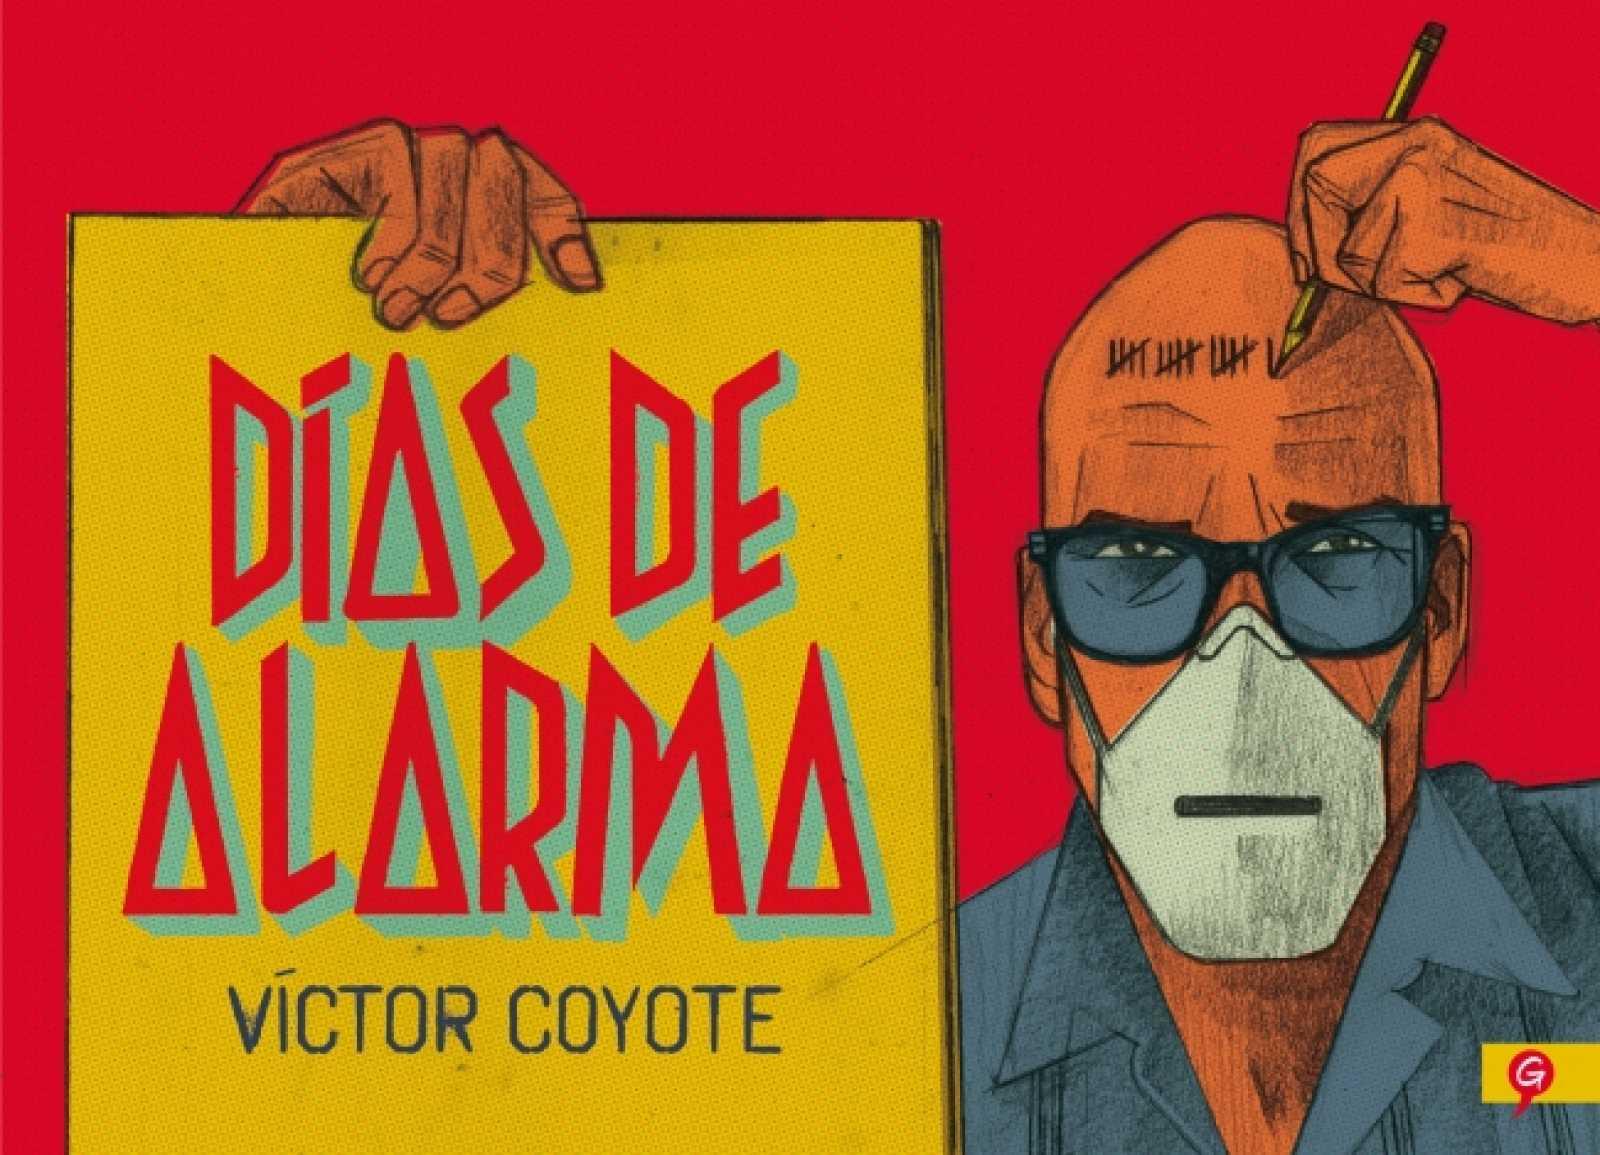 Viñetas y bocadillos - Víctor Coyote, 'Días de alarma' - 14/10/20 - Escuchar ahora